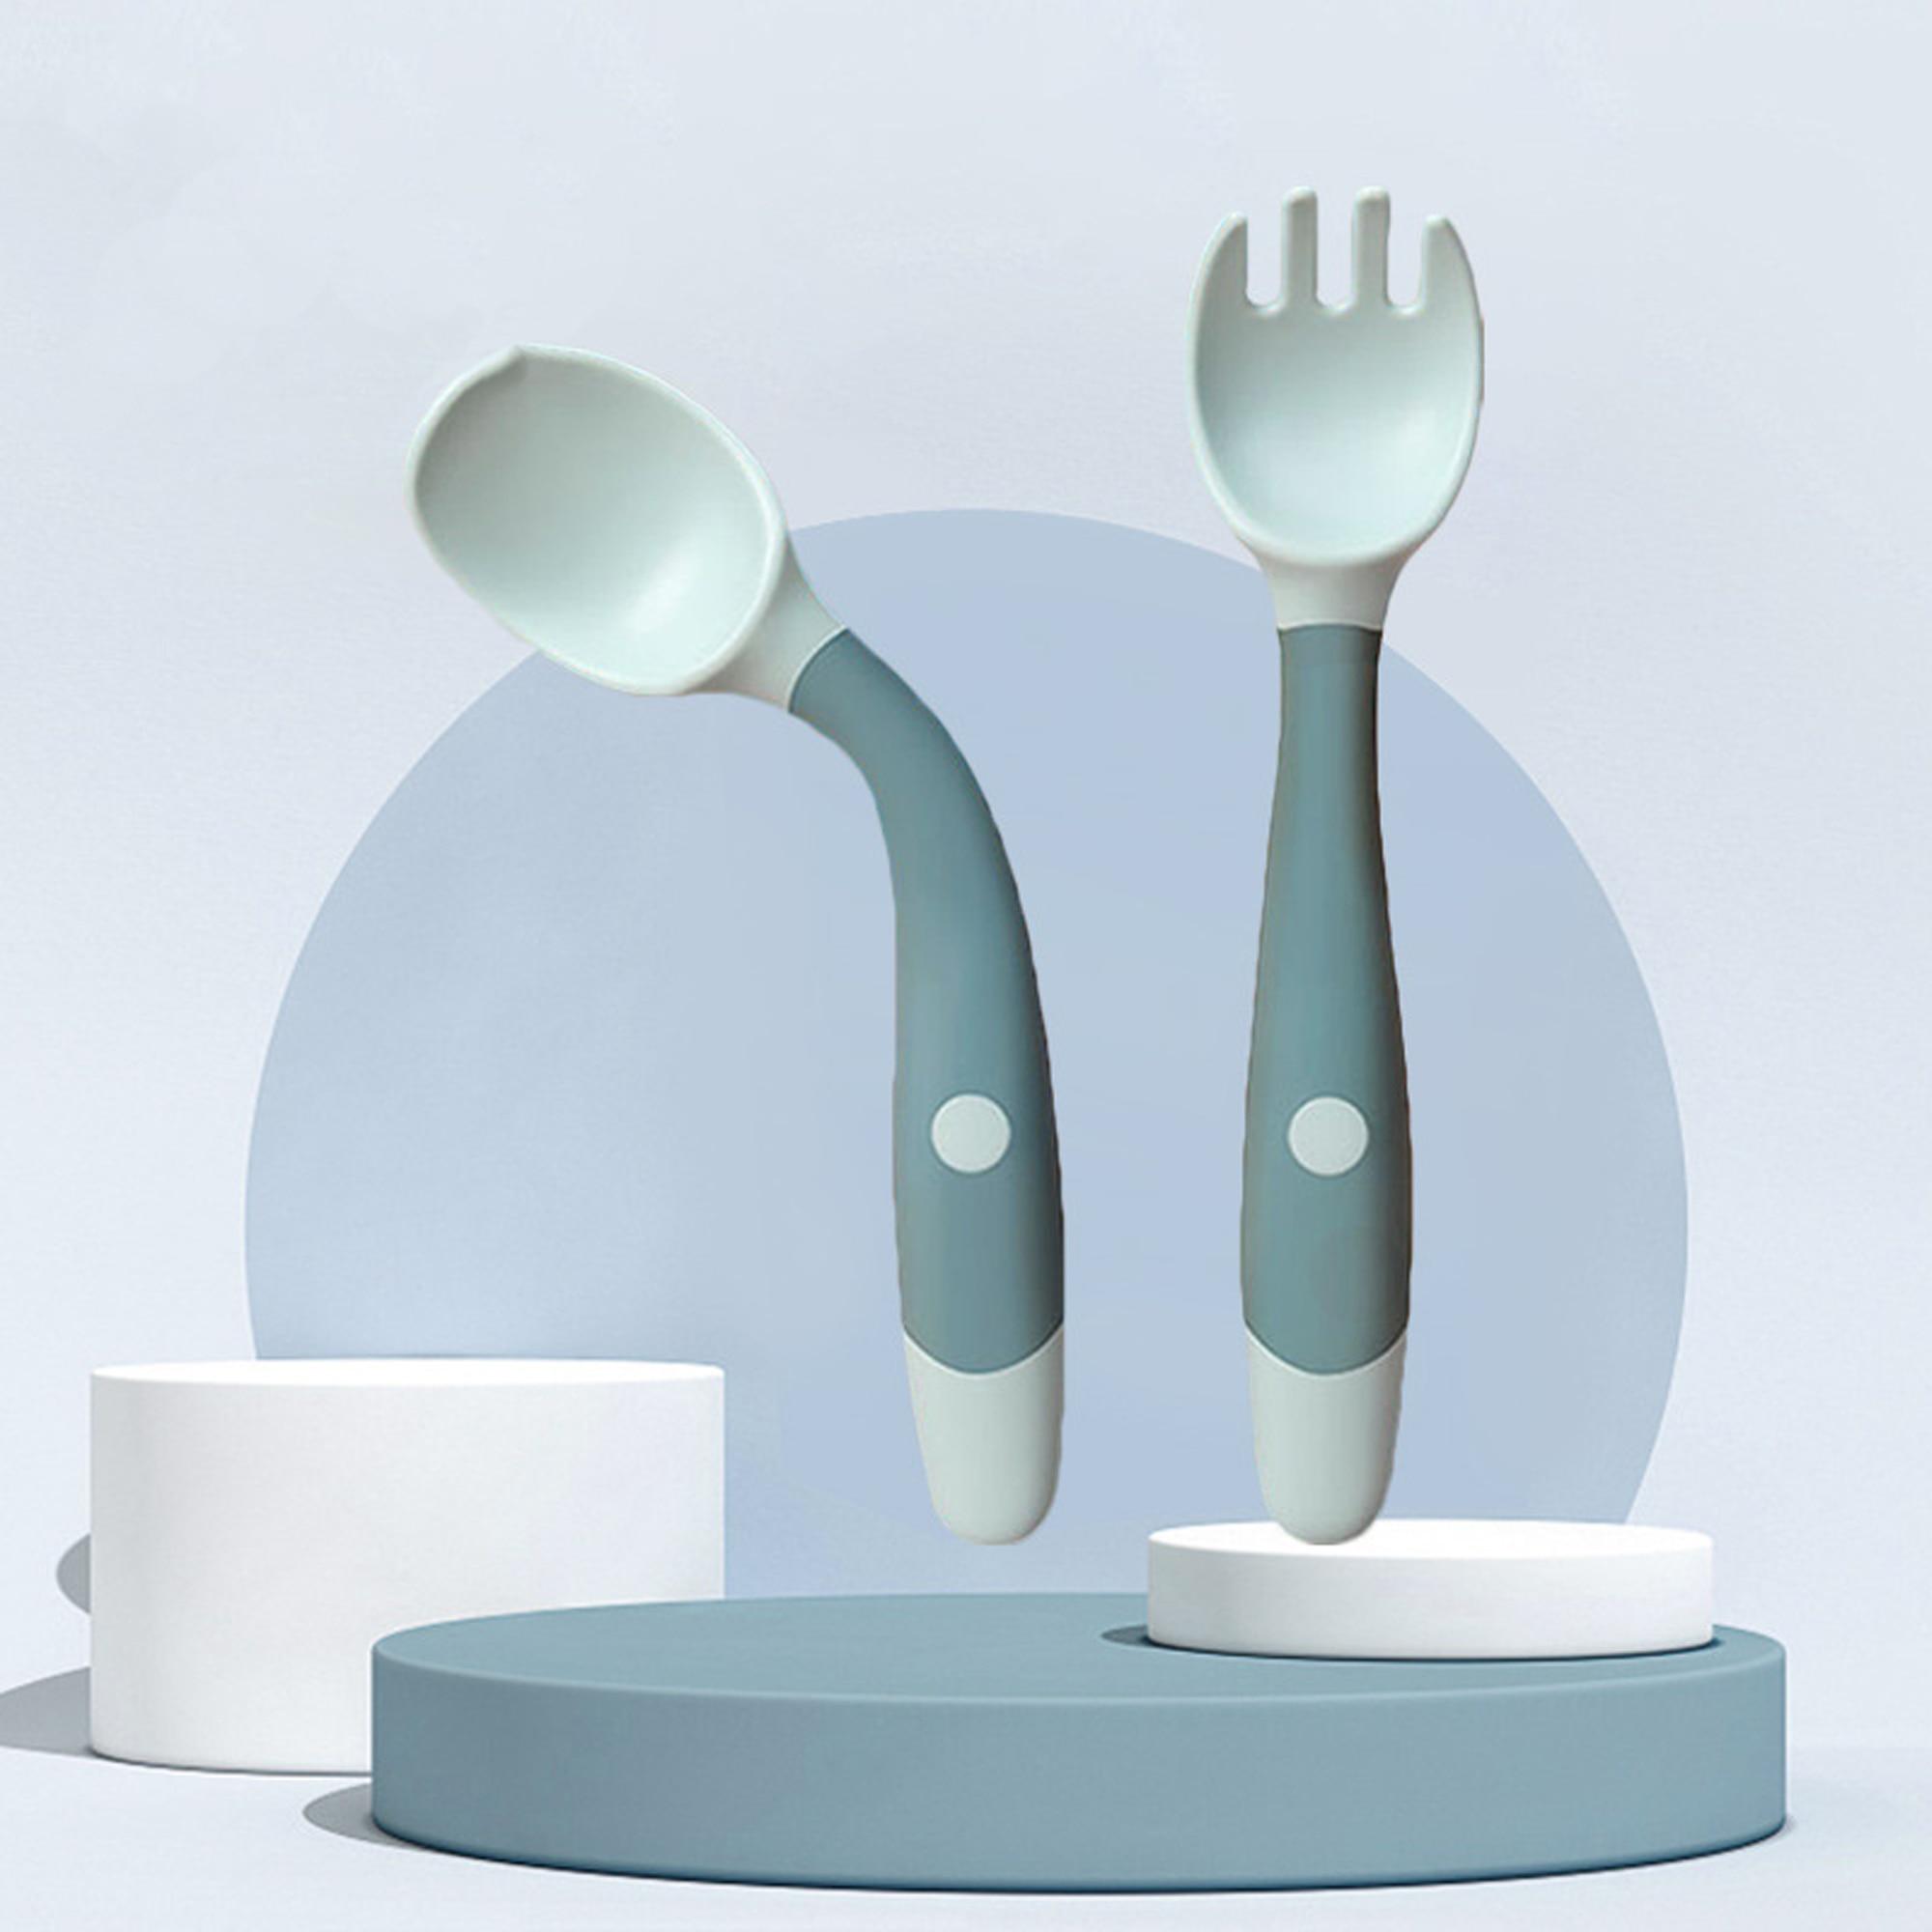 Детская Ложка силиконовая посуда набор вспомогательной пищи малыш узнать есть обучение Гибкая мягкая вилка для младенцев, безопасная посу...